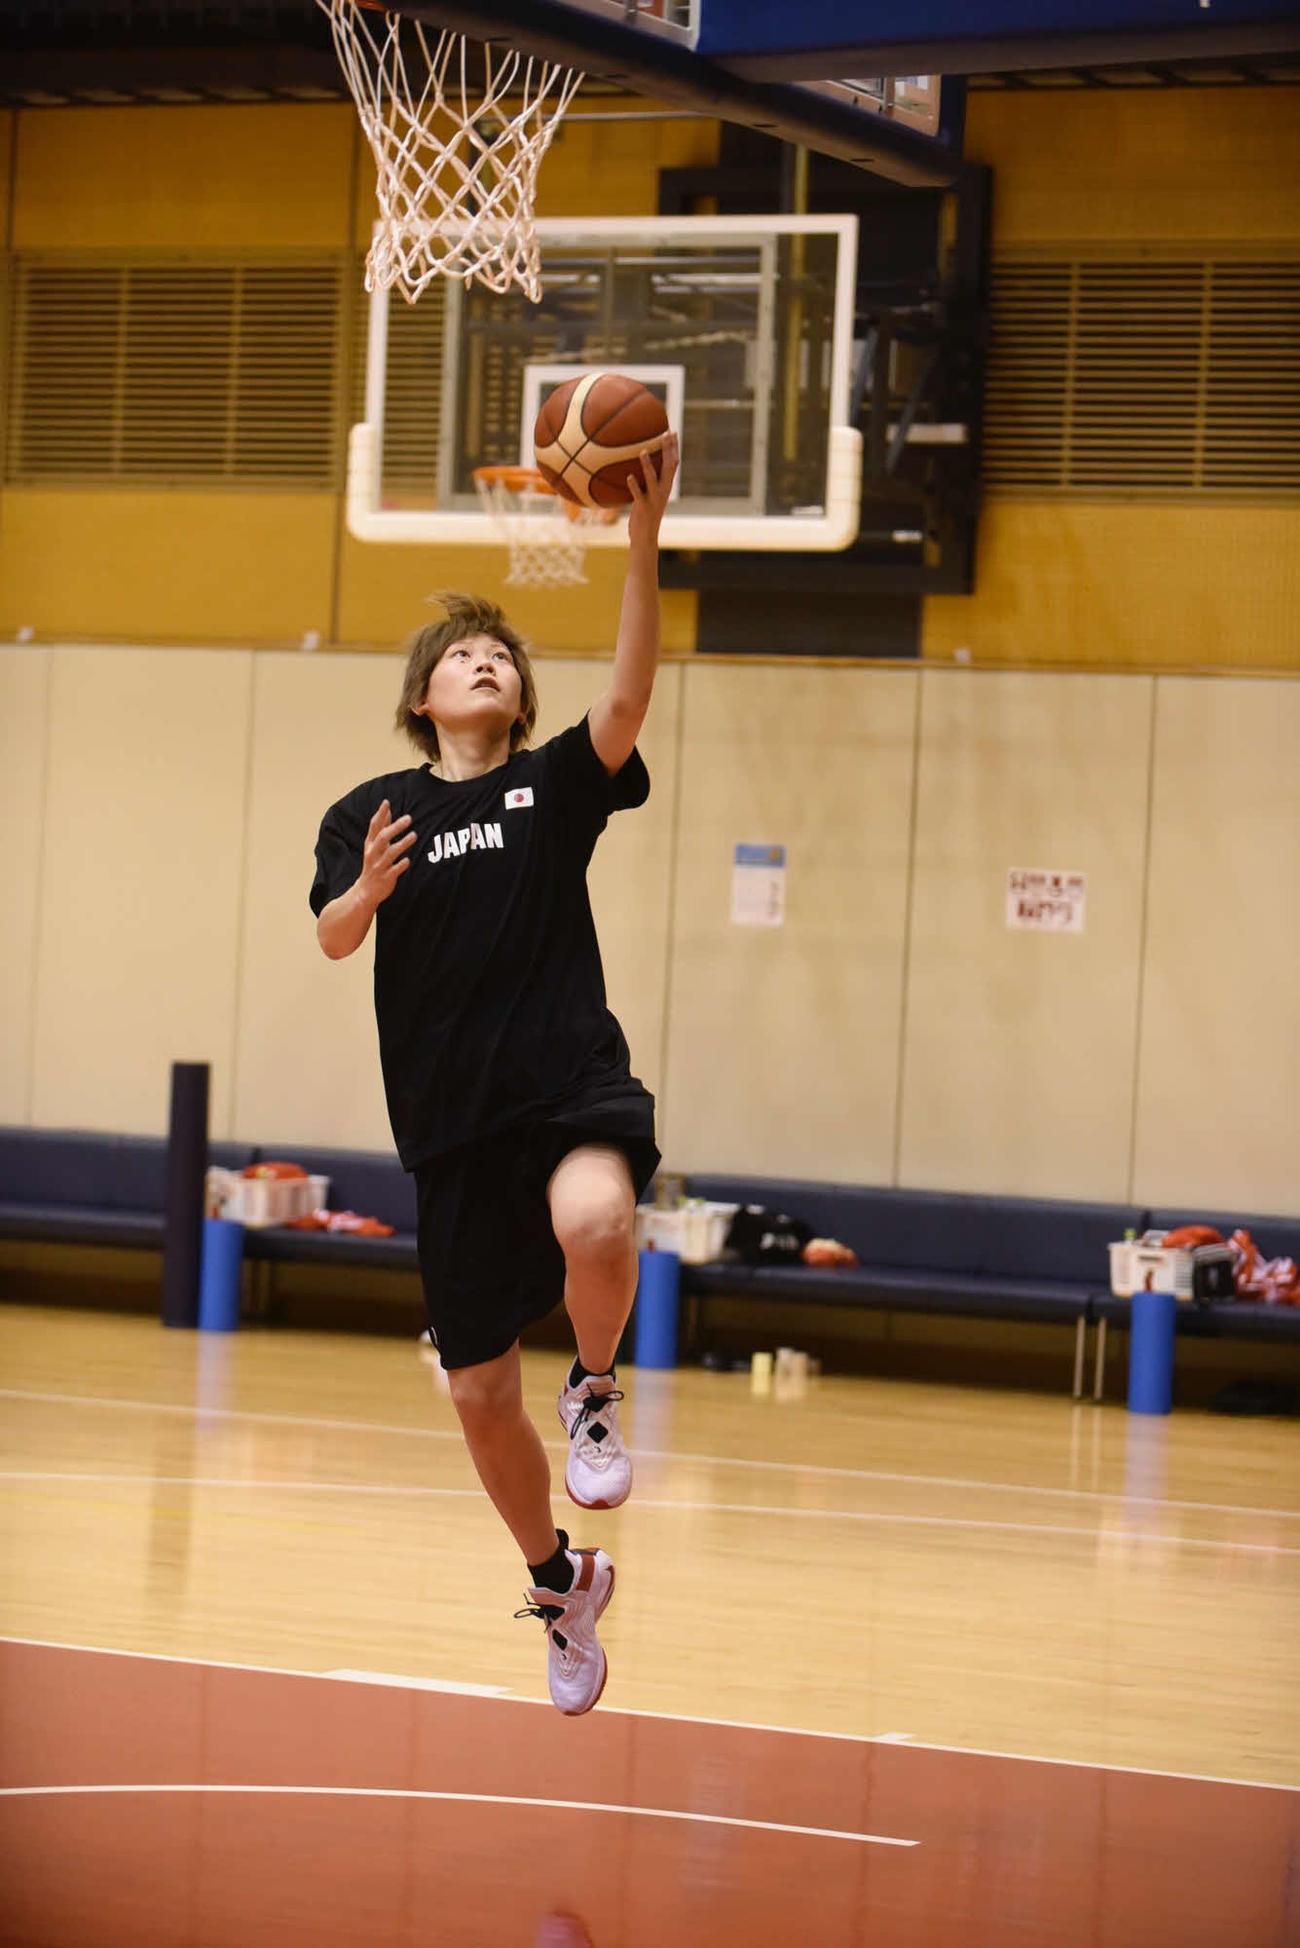 東京五輪女子日本代表候補チームの強化合宿に参加中の高田主将(日本バスケットボール協会提供)